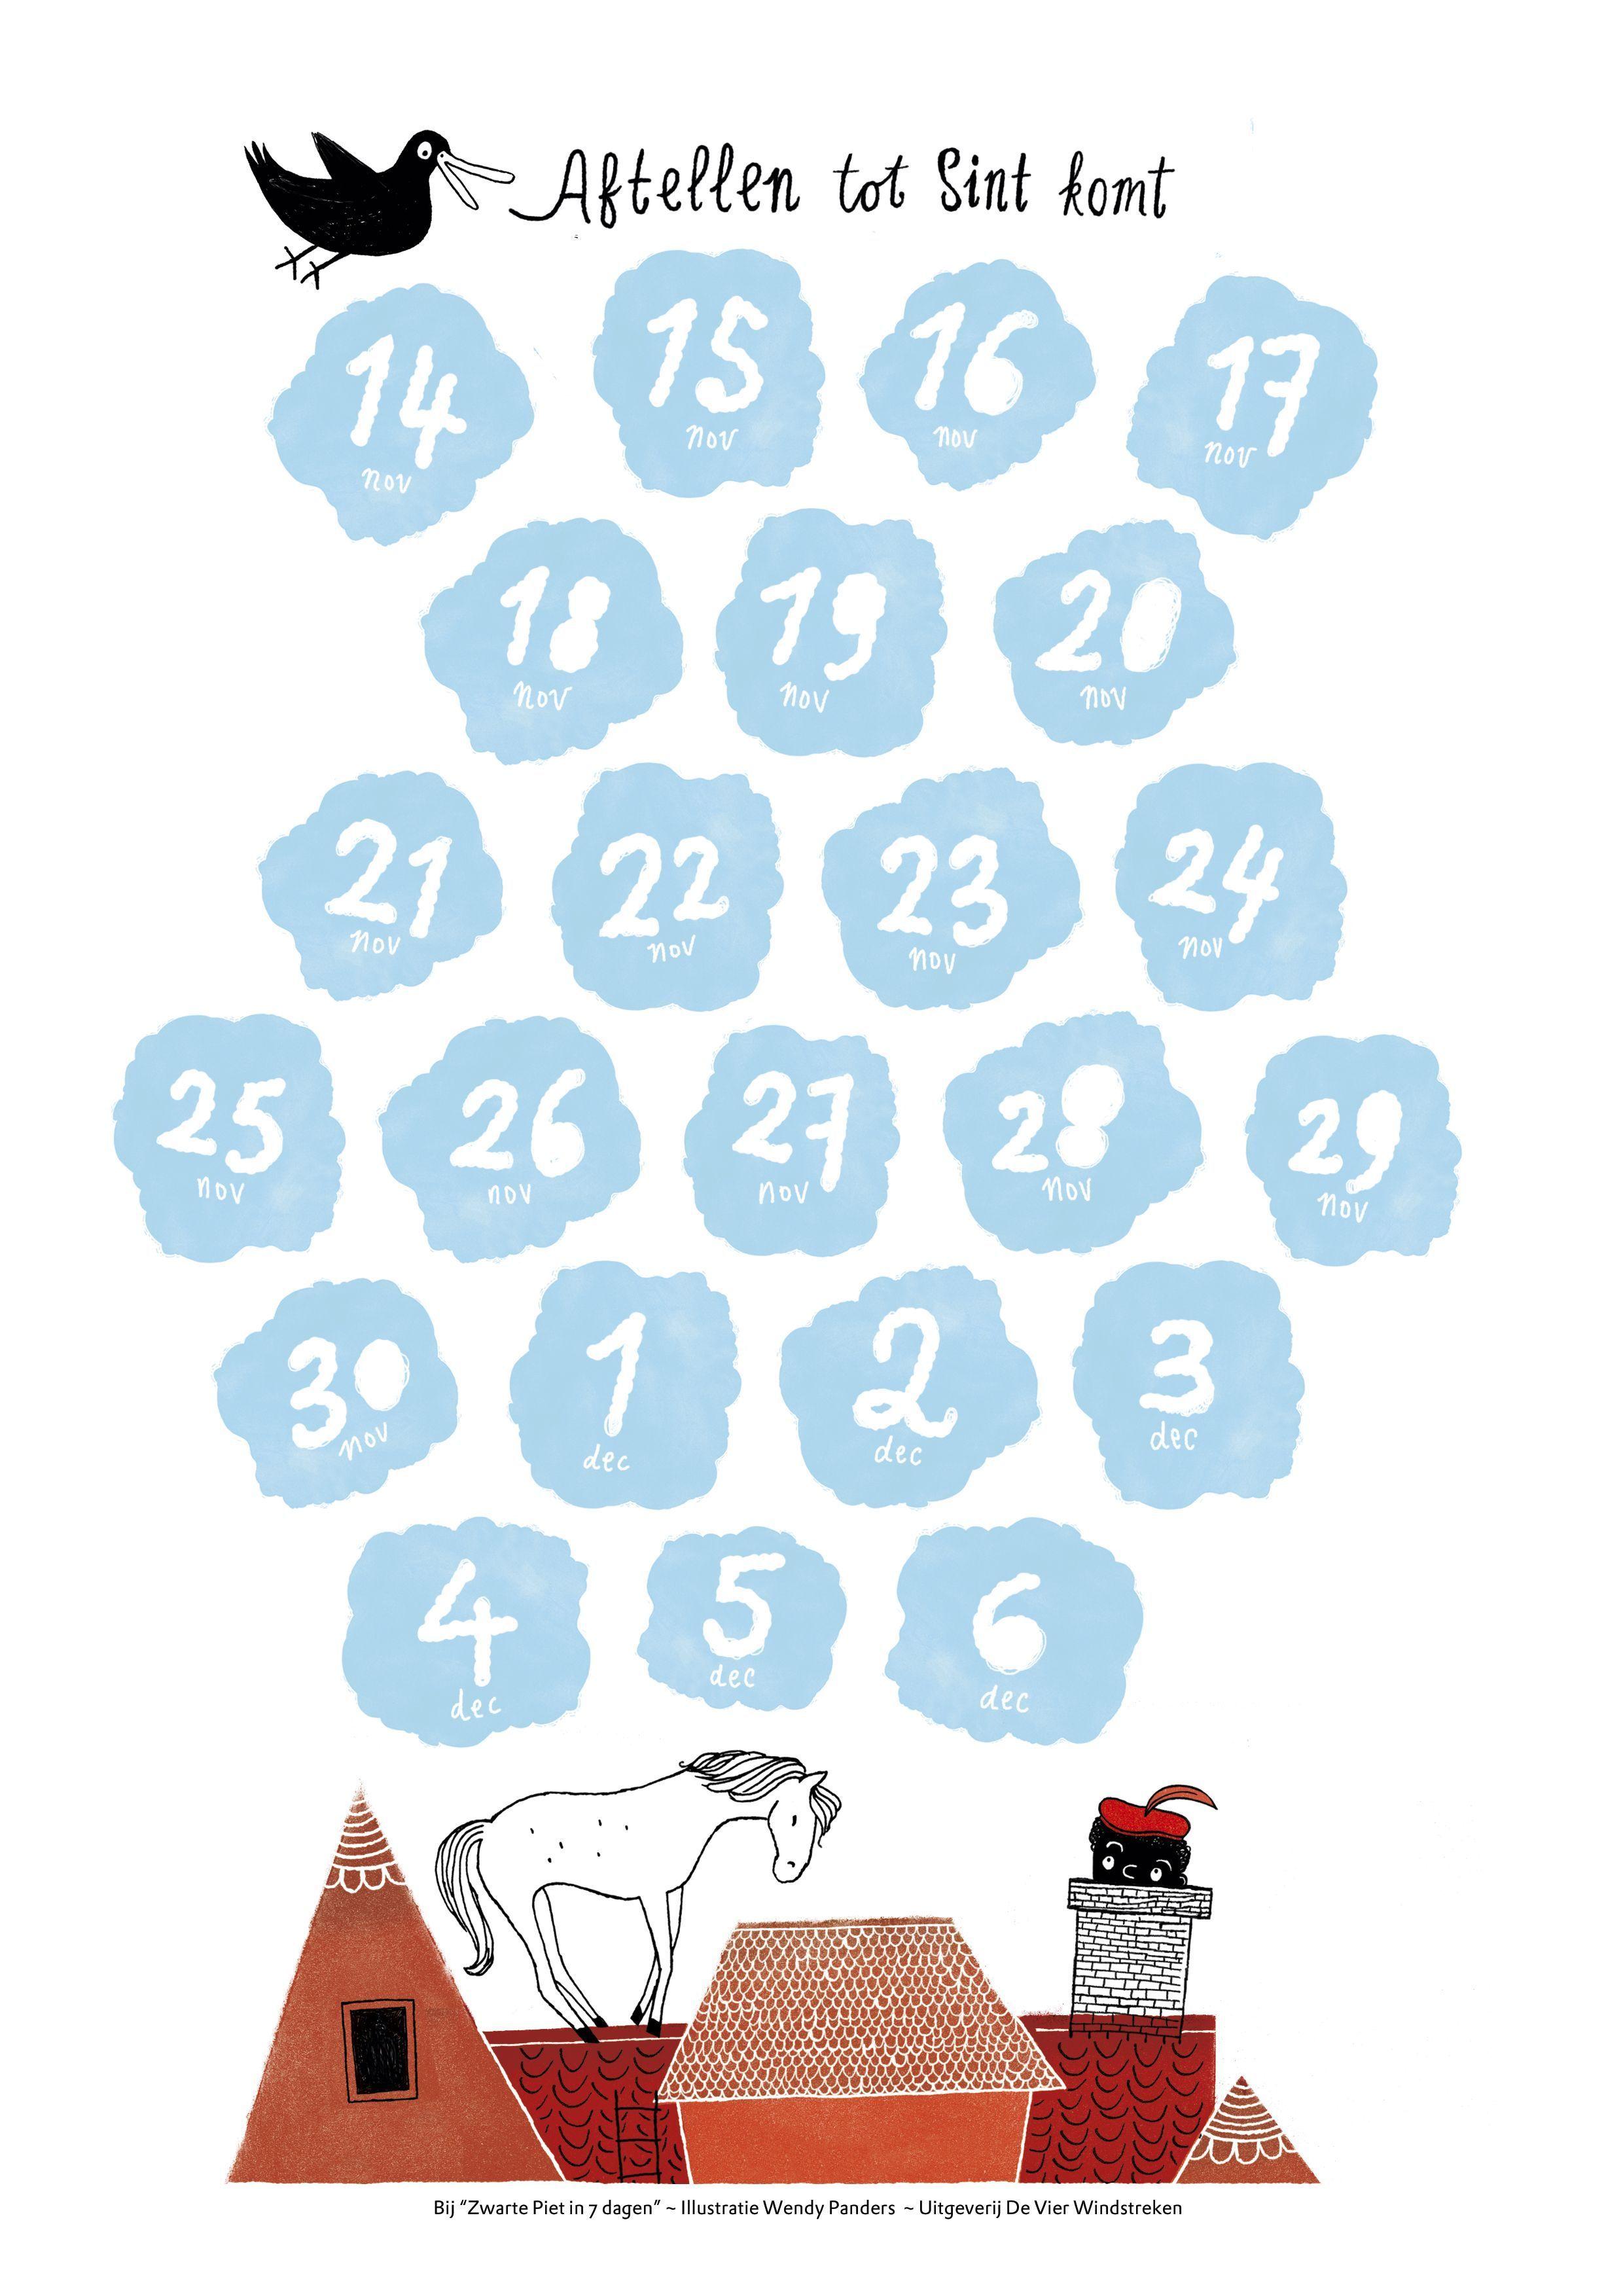 Aftelkalender Zwarte Piet in 7 dagen #zwartepietknutselen Aftelkalender Zwarte Piet in 7 dagen #zwartepietknutselen Aftelkalender Zwarte Piet in 7 dagen #zwartepietknutselen Aftelkalender Zwarte Piet in 7 dagen #zwartepietknutselen